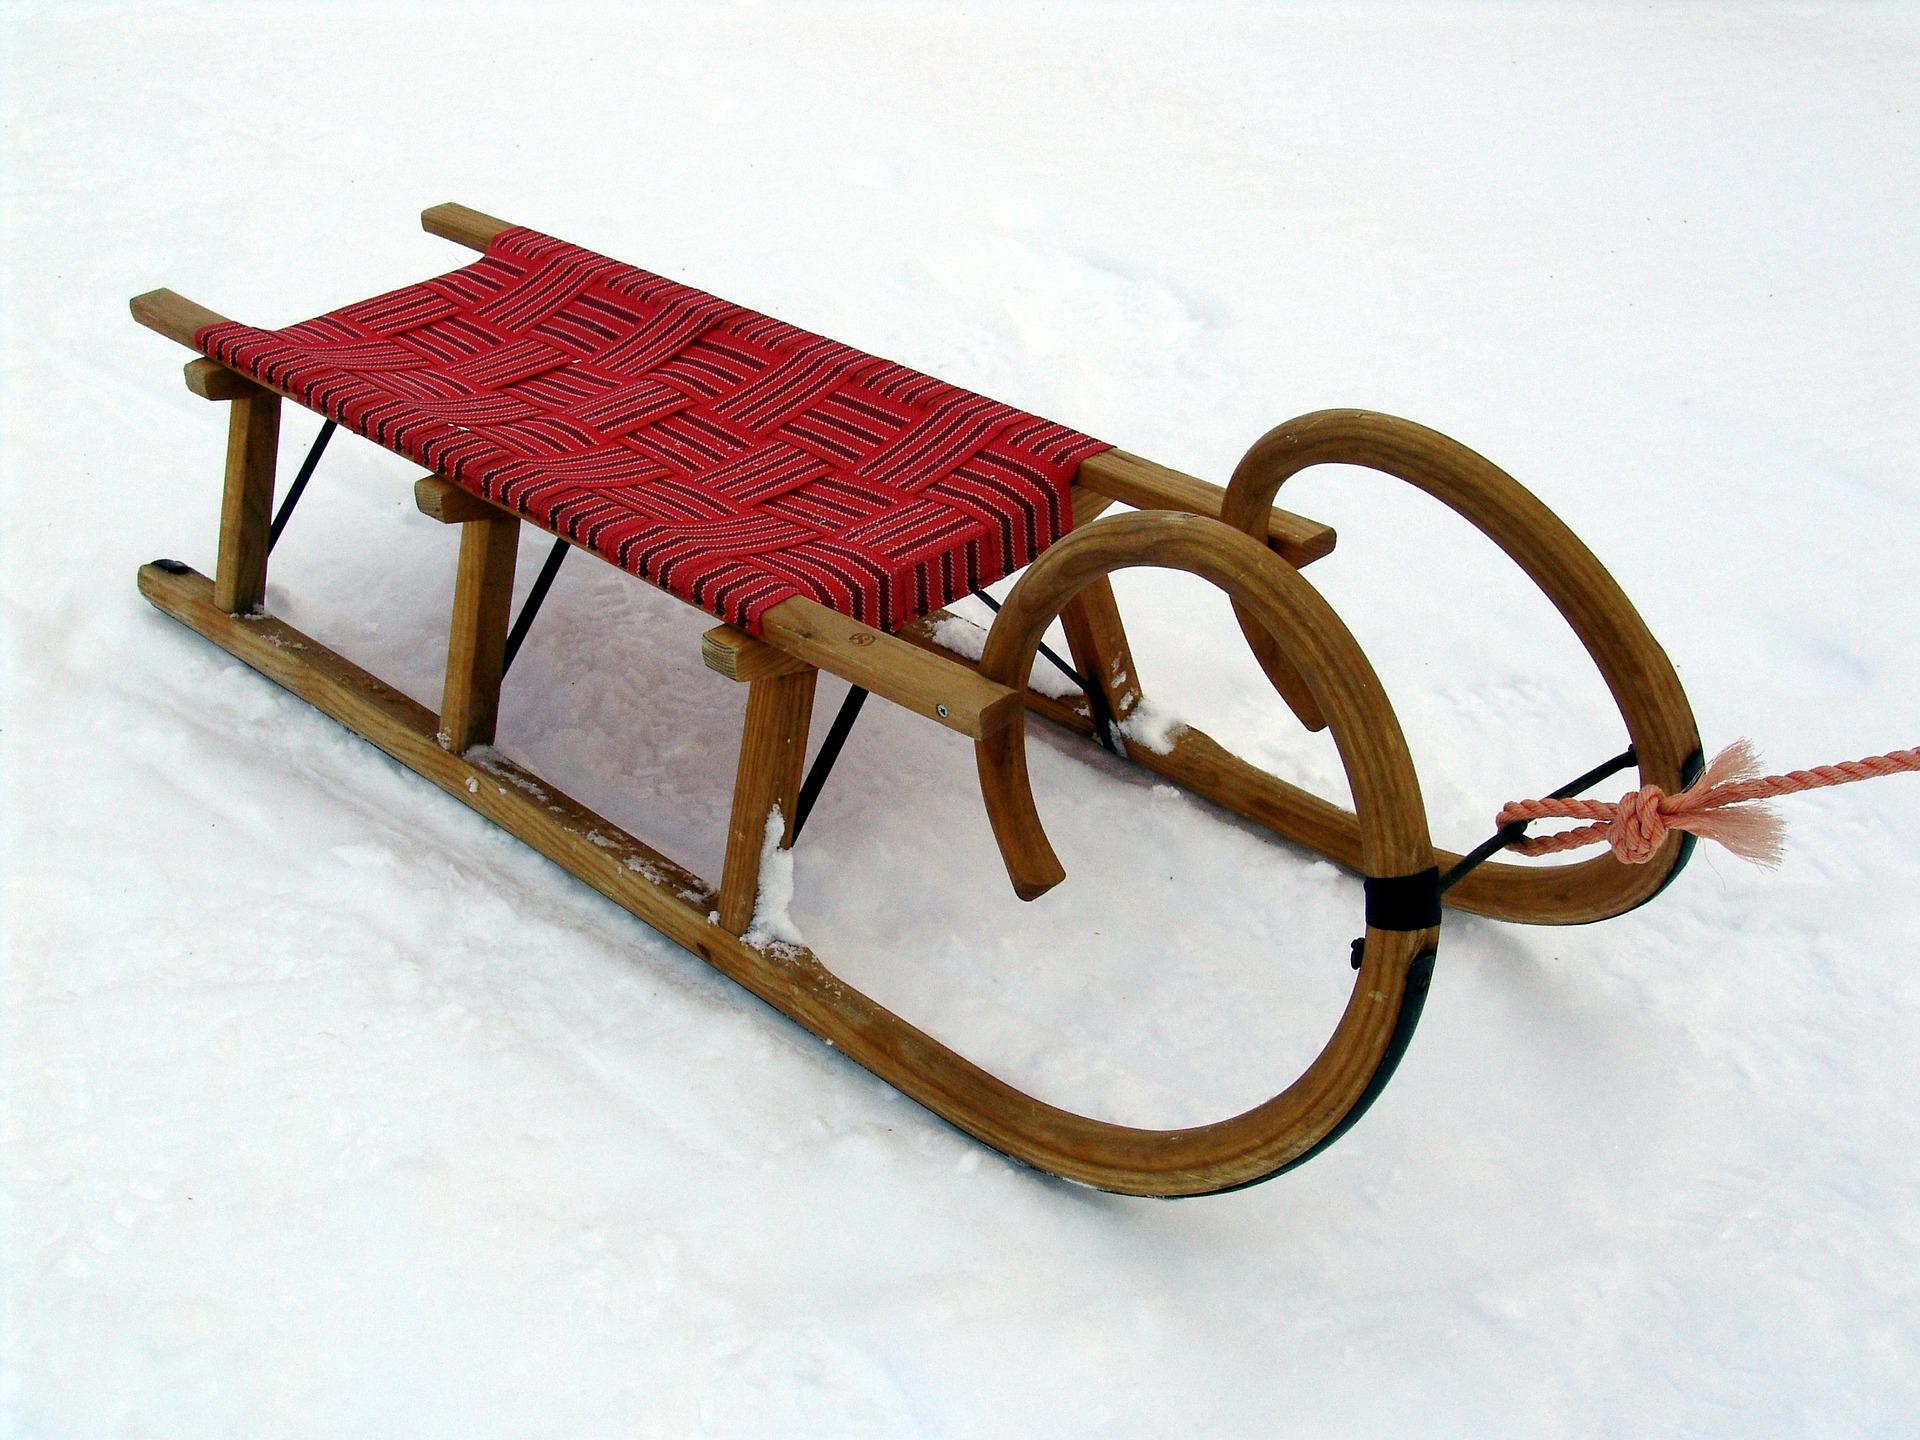 Hörnerschlitten aus Holz sind die älteste Schlittenart